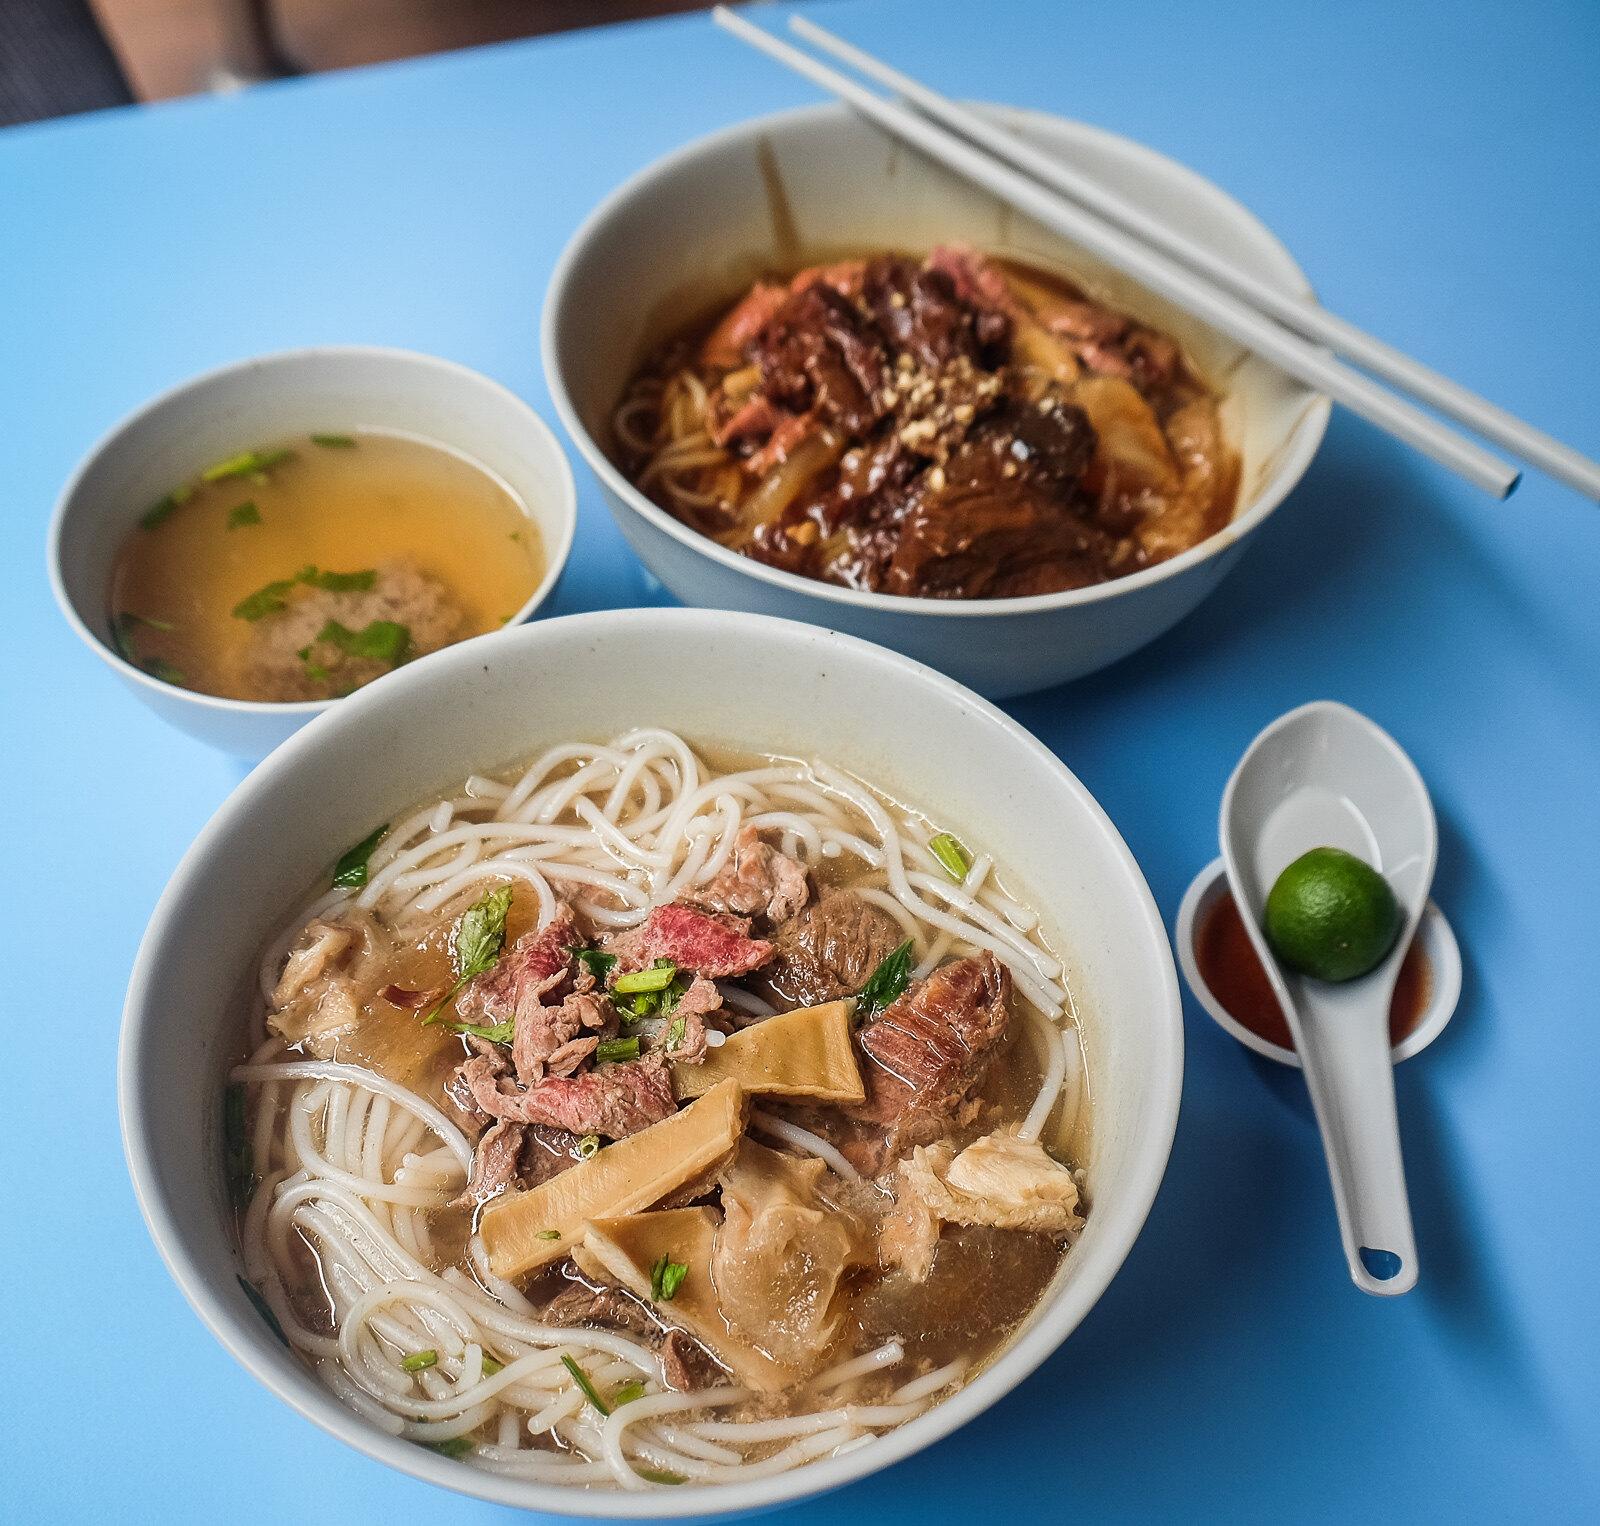 Beef noodle Singapore - Kheng Fatt Hainanese Beef Noodles